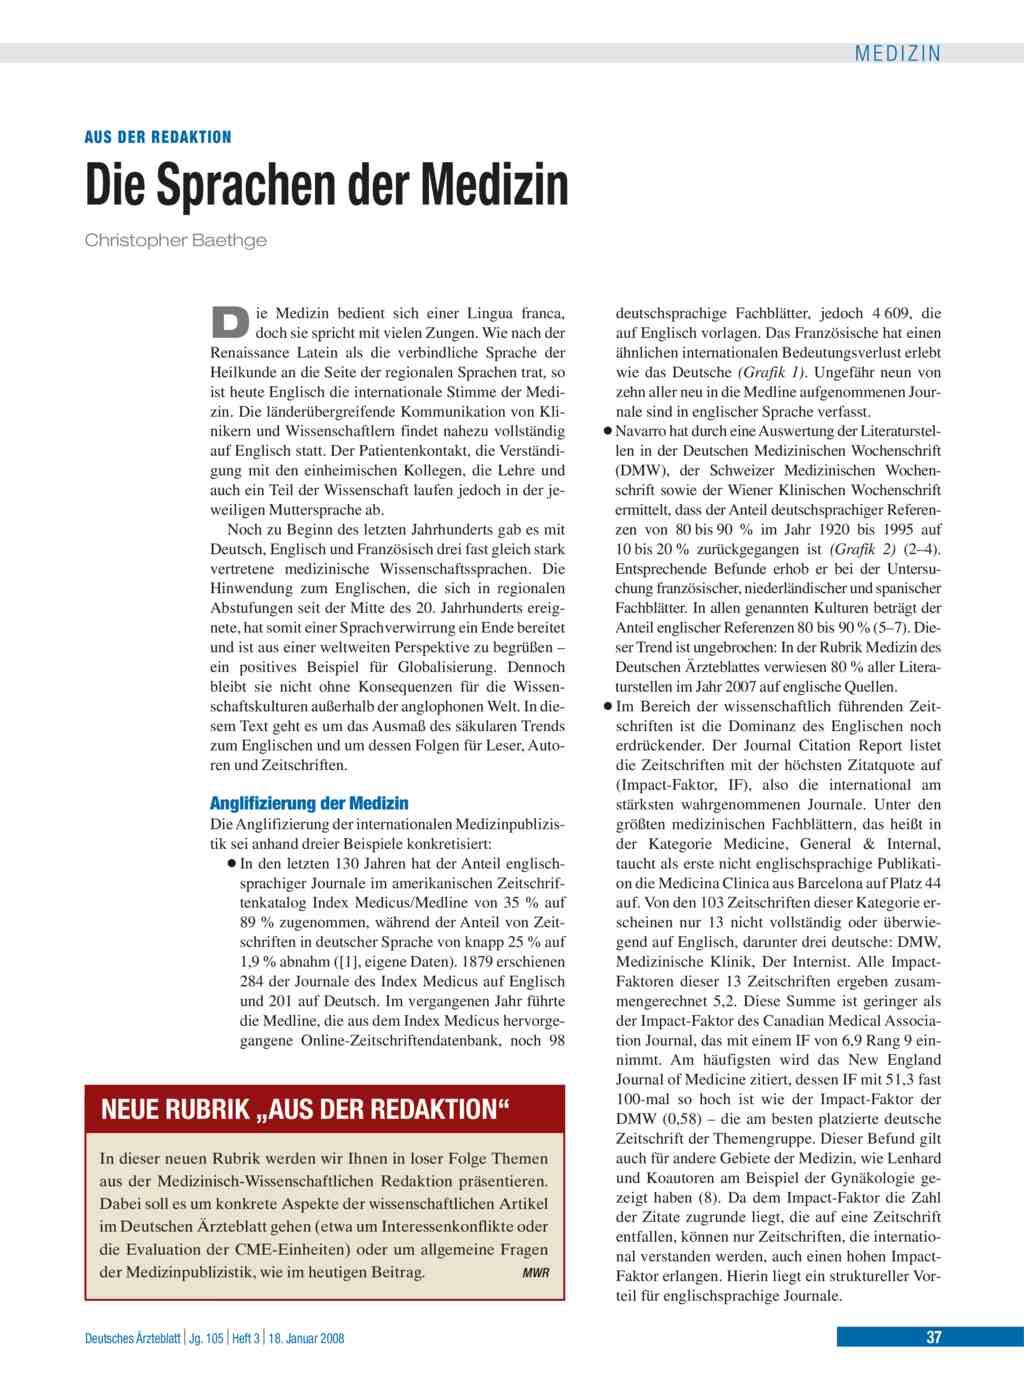 Deutsche medizinische wochenschrift online dating